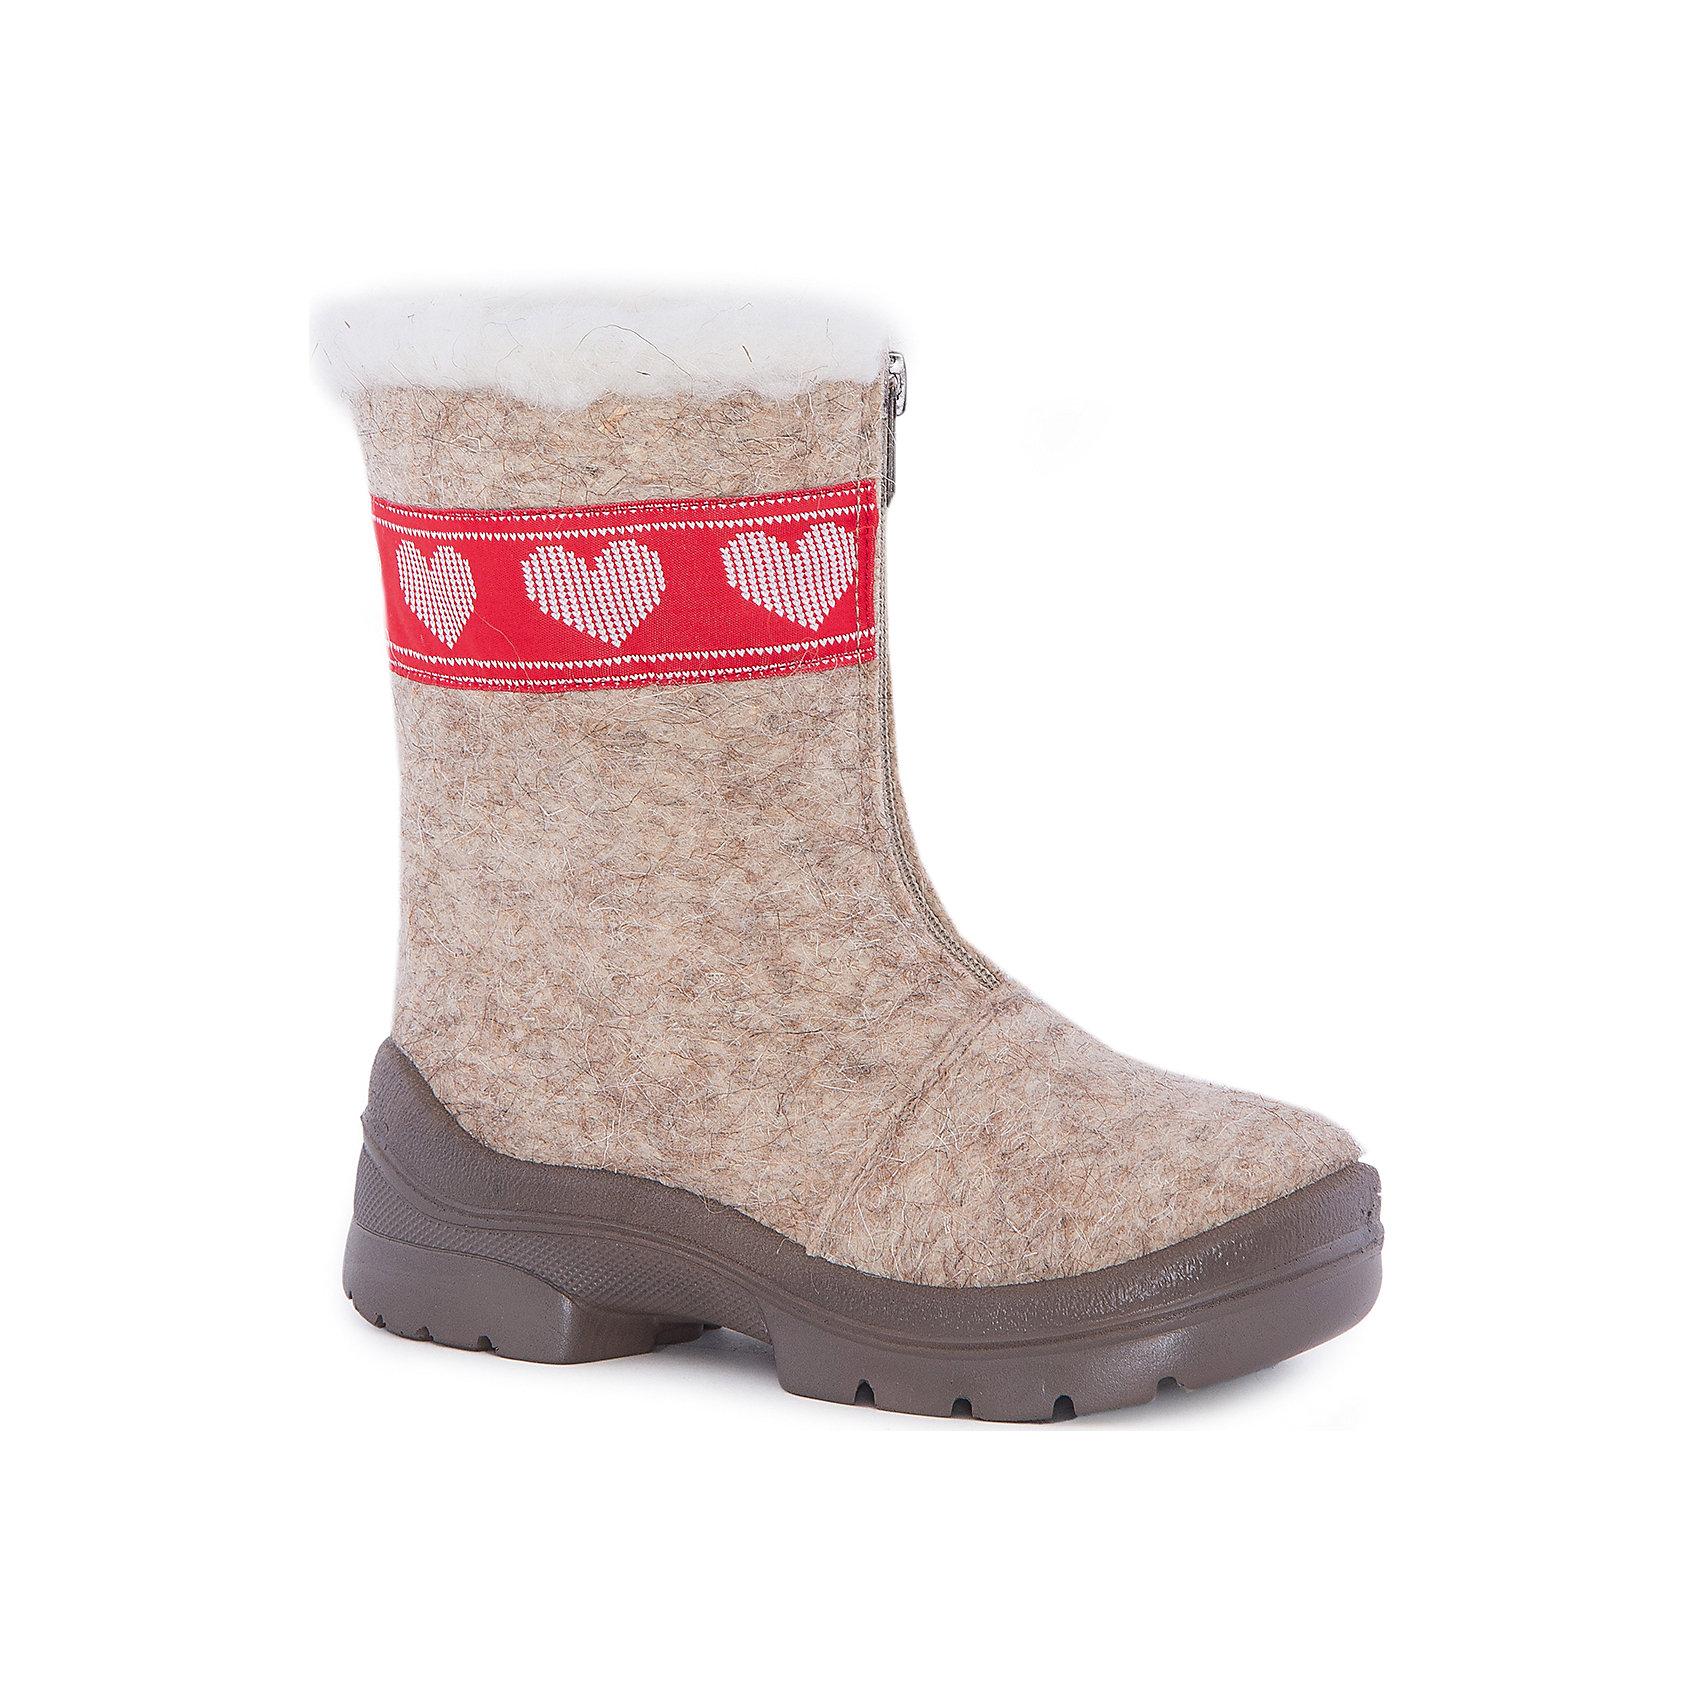 Валенки Любовь для девочки ФилипокВаленки<br>Характеристики товара:<br><br>• цвет: бежевый<br>• температурный режим: от -5° С до -30° С<br>• внешний материал: эко-войлок (натуральная шерсть)<br>• подкладка: натуральная овечья шерсть<br>• стелька: шерстяной войлок (3,5 мм)<br>• подошва: литая, полиуретан<br>• декорированы тесьмой и опушкой<br>• подошва с анти скользящей с системой протектора anti slip<br>• застежка: молния<br>• защита носка - натуральная кожа с износостойкой пропиткой<br>• усиленная пятка<br>• толстая устойчивая подошва<br>• страна бренда: РФ<br>• страна изготовитель: РФ<br><br>Очень теплые и удобные валенки для ребенка от известного бренда детской обуви Филипок созданы специально для русской зимы. Качественные материалы с пропиткой против попадания воды внутрь и модный дизайн понравятся и малышам и их родителям. Подошва и стелька обеспечат ребенку комфорт, сухость и тепло, позволяя в полной мере наслаждаться зимним отдыхом. Усиленная защита пятки и носка обеспечивает дополнительную безопасность детских ног в этих сапожках.<br>Эта красивая и удобная обувь прослужит долго благодаря отличному качеству. Производитель анти скользящее покрытие и амортизирующие свойства подошвы! Модель производится из качественных и проверенных материалов, которые безопасны для детей.<br><br>Валенки для девочки от бренда Филипок можно купить в нашем интернет-магазине.<br><br>Ширина мм: 257<br>Глубина мм: 180<br>Высота мм: 130<br>Вес г: 420<br>Цвет: бежевый<br>Возраст от месяцев: 48<br>Возраст до месяцев: 60<br>Пол: Женский<br>Возраст: Детский<br>Размер: 28,30,31,32,29,24,23,22,27,26,25<br>SKU: 4207448